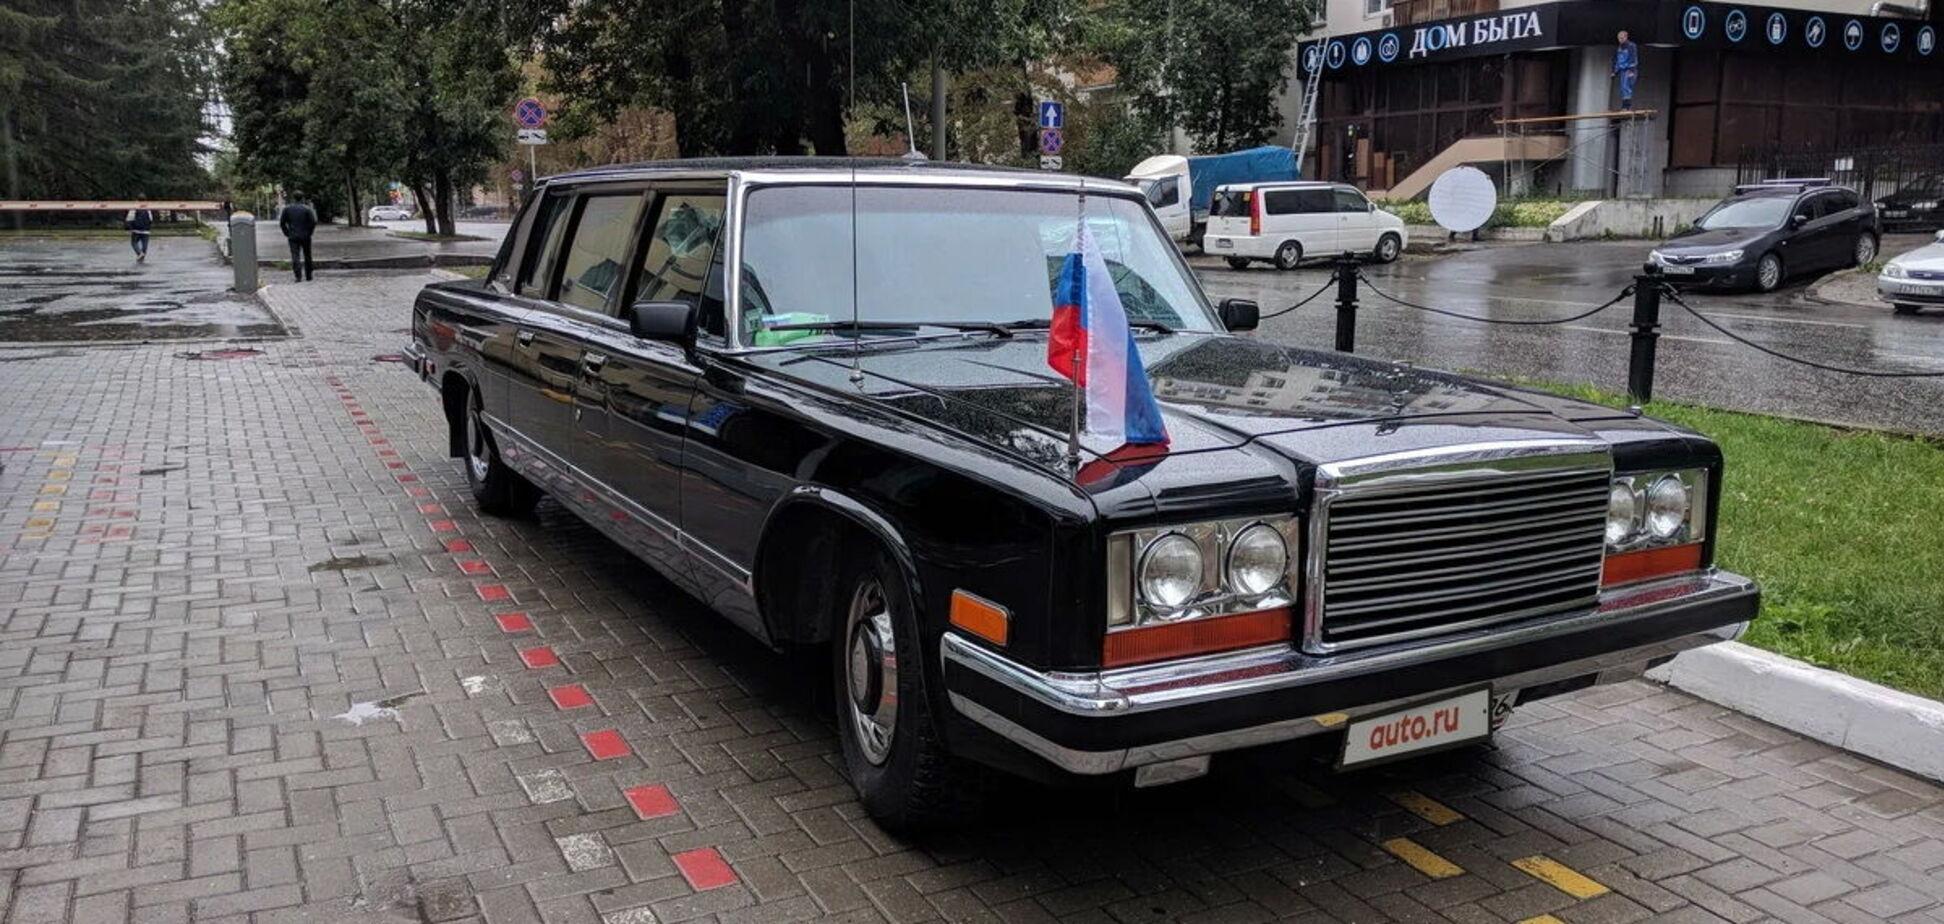 Правительственный лимузин, как у Януковича, оценили в $500 000